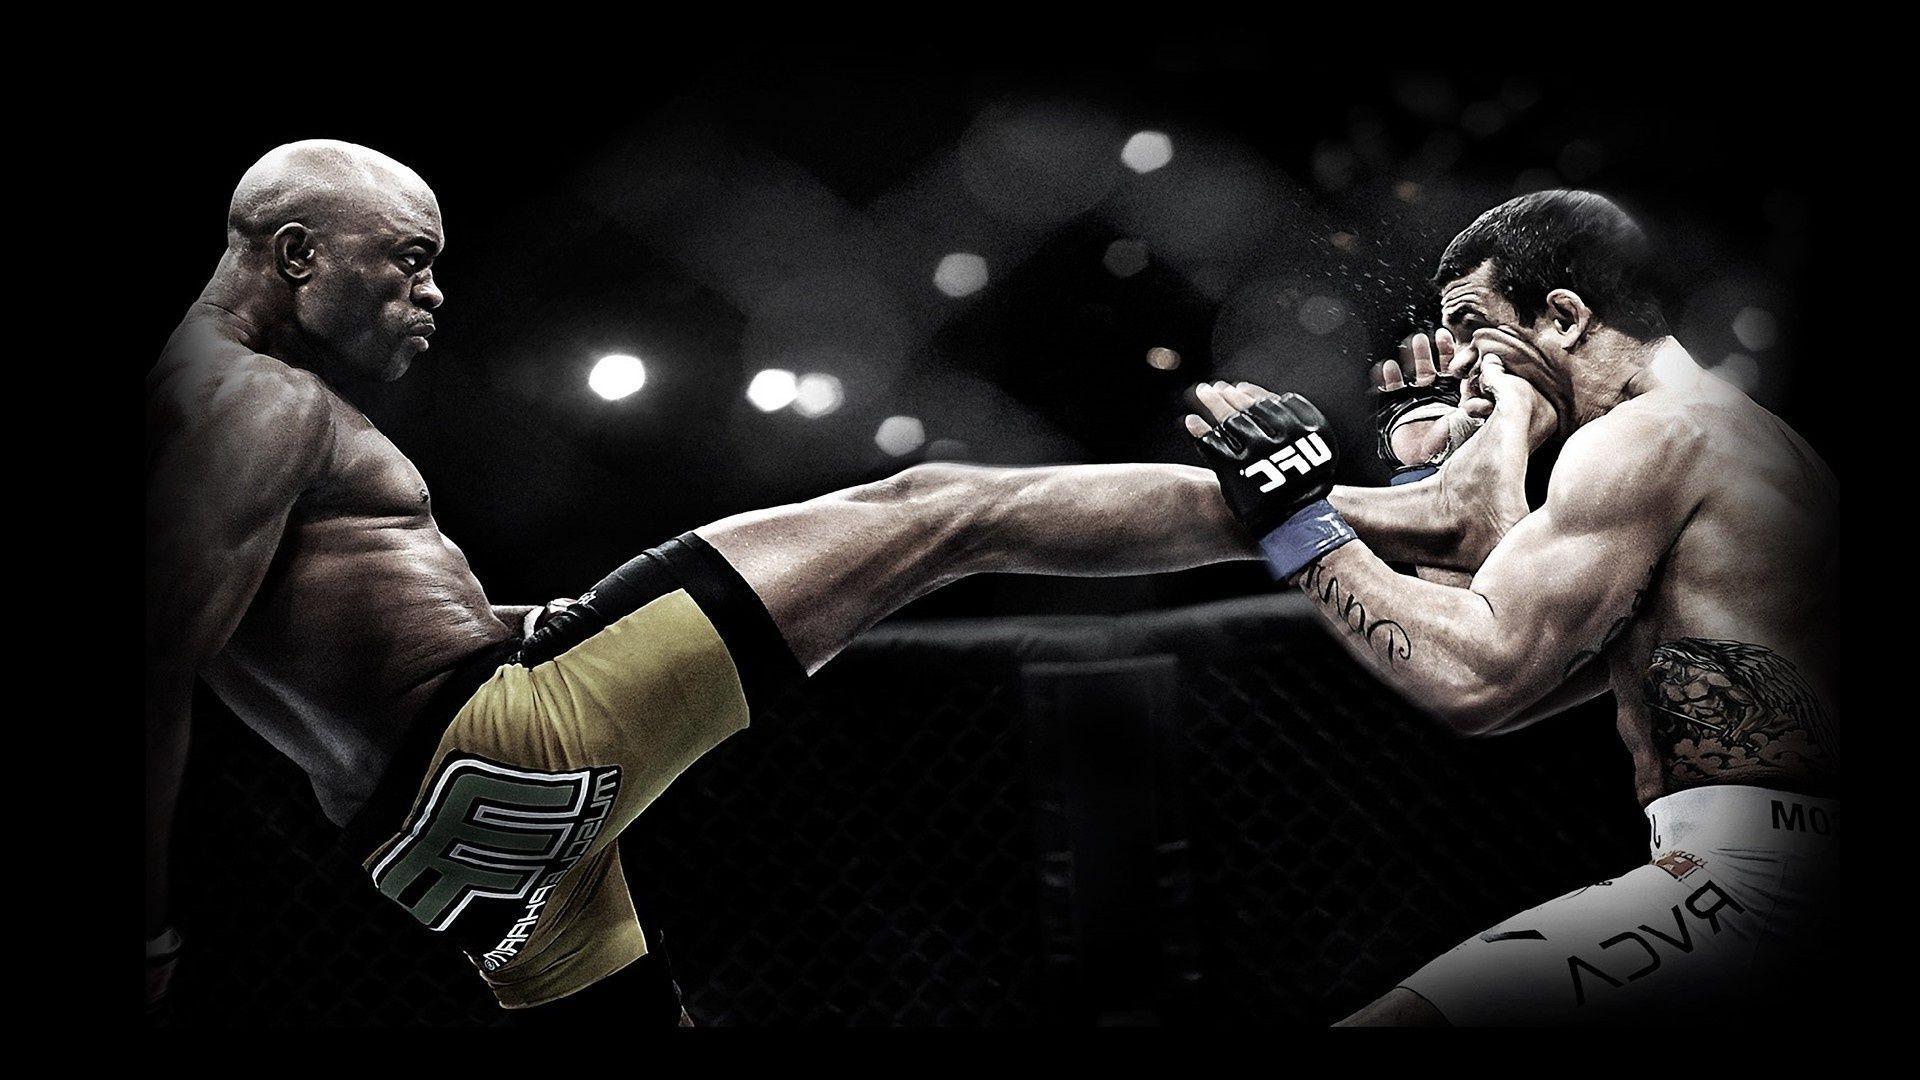 Обои боксеров на рабочий стол 1920х1080